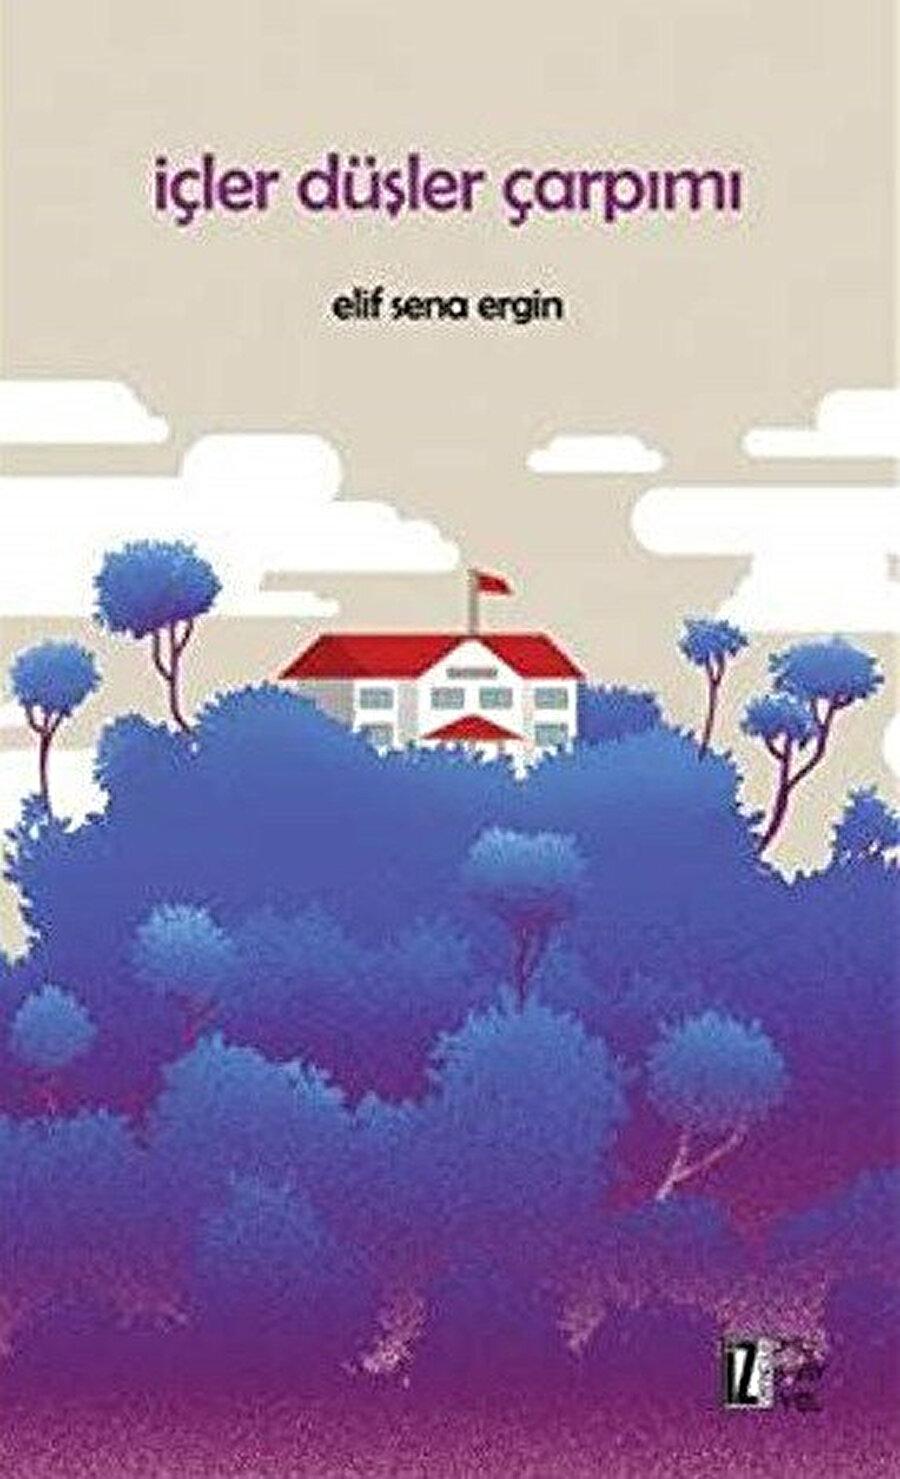 İçler Düşler Çarpımı için Elif Sena Ergin'in ilk macerası diyebiliriz.